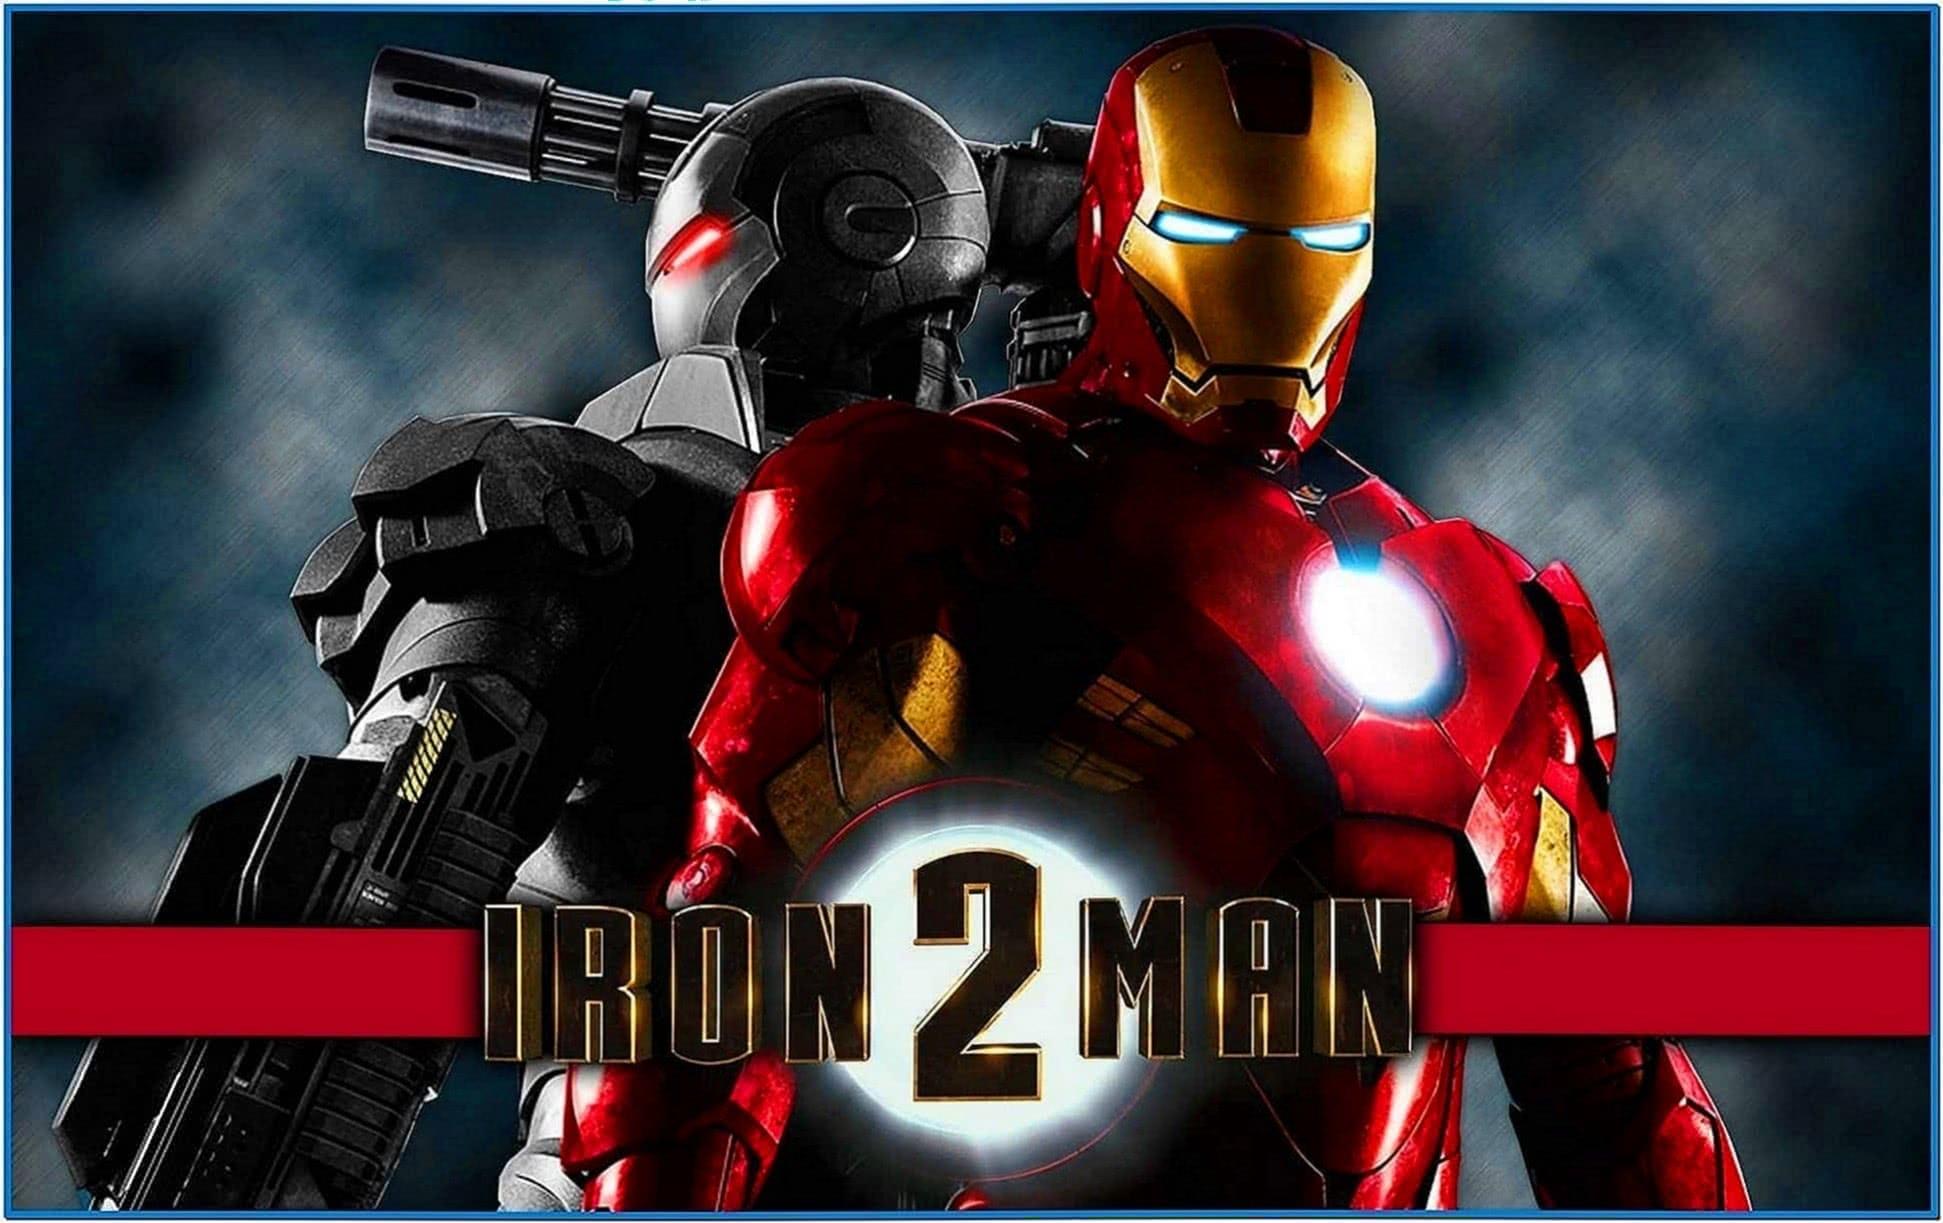 Iron Man 2: Iron Man 2 Screensaver 3d